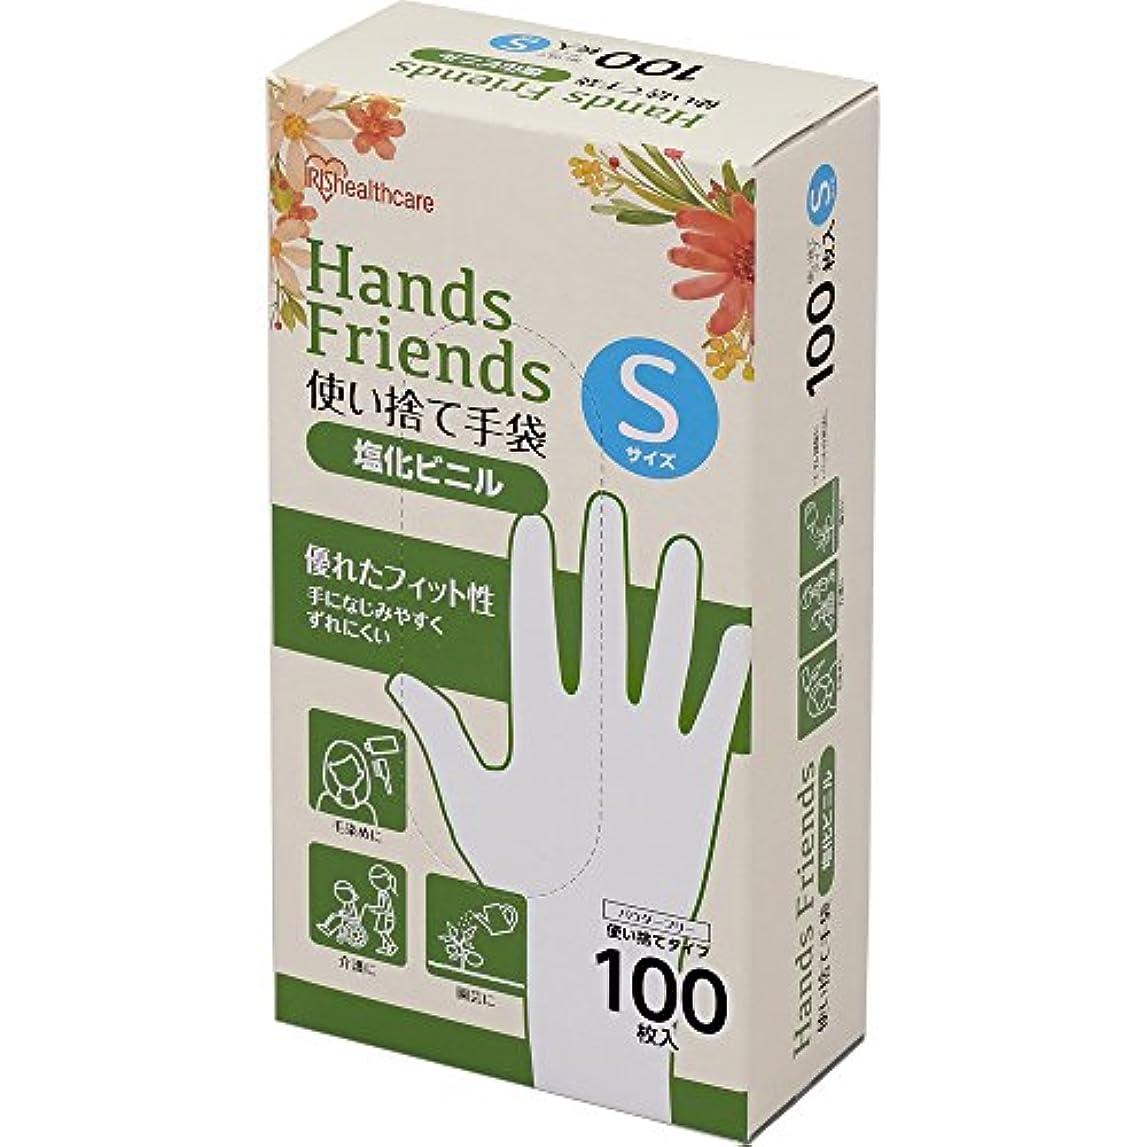 ピン頼るびん使い捨て手袋 クリア 塩化ビニル 100枚 Sサイズ PVC-100S